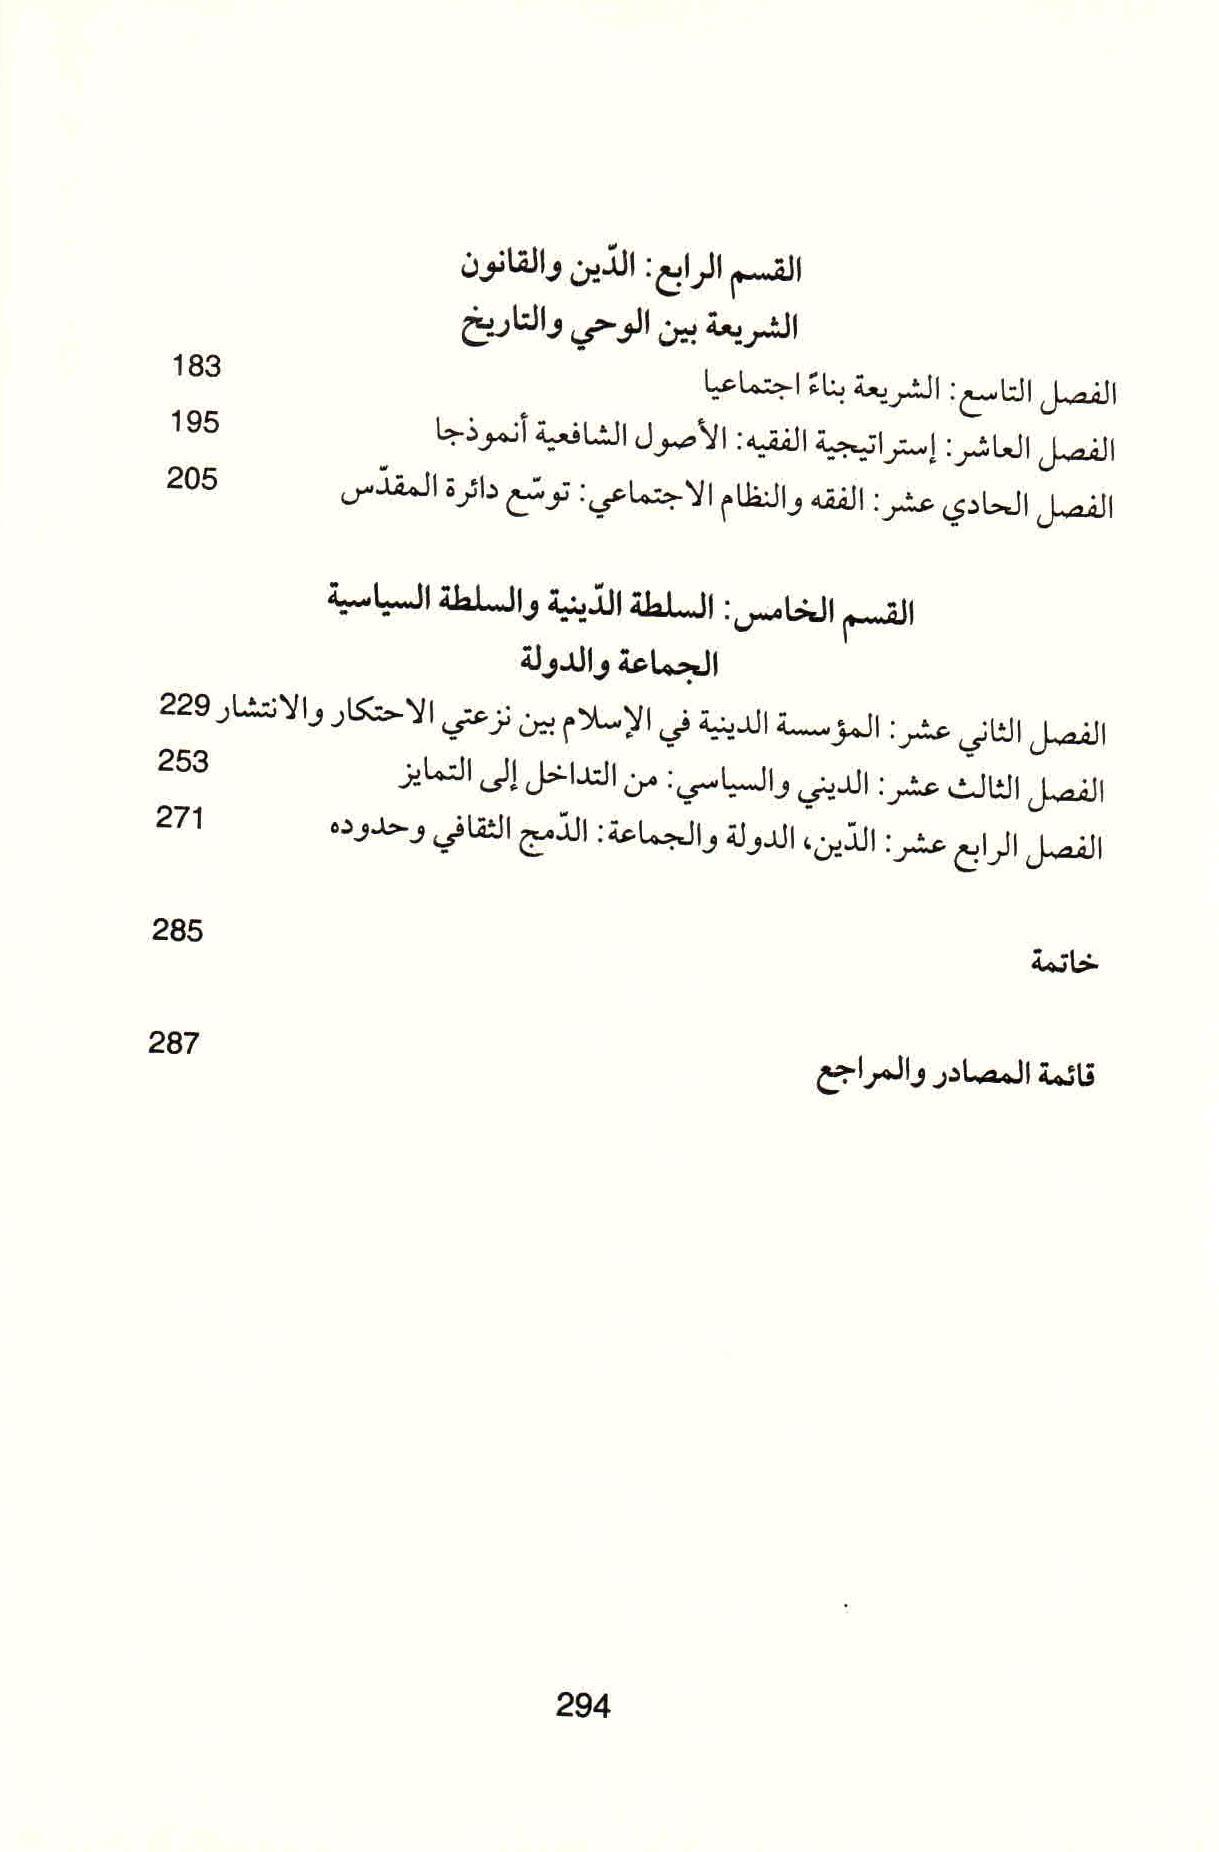 ص294 مجتويات كتاب في الموروث الديني